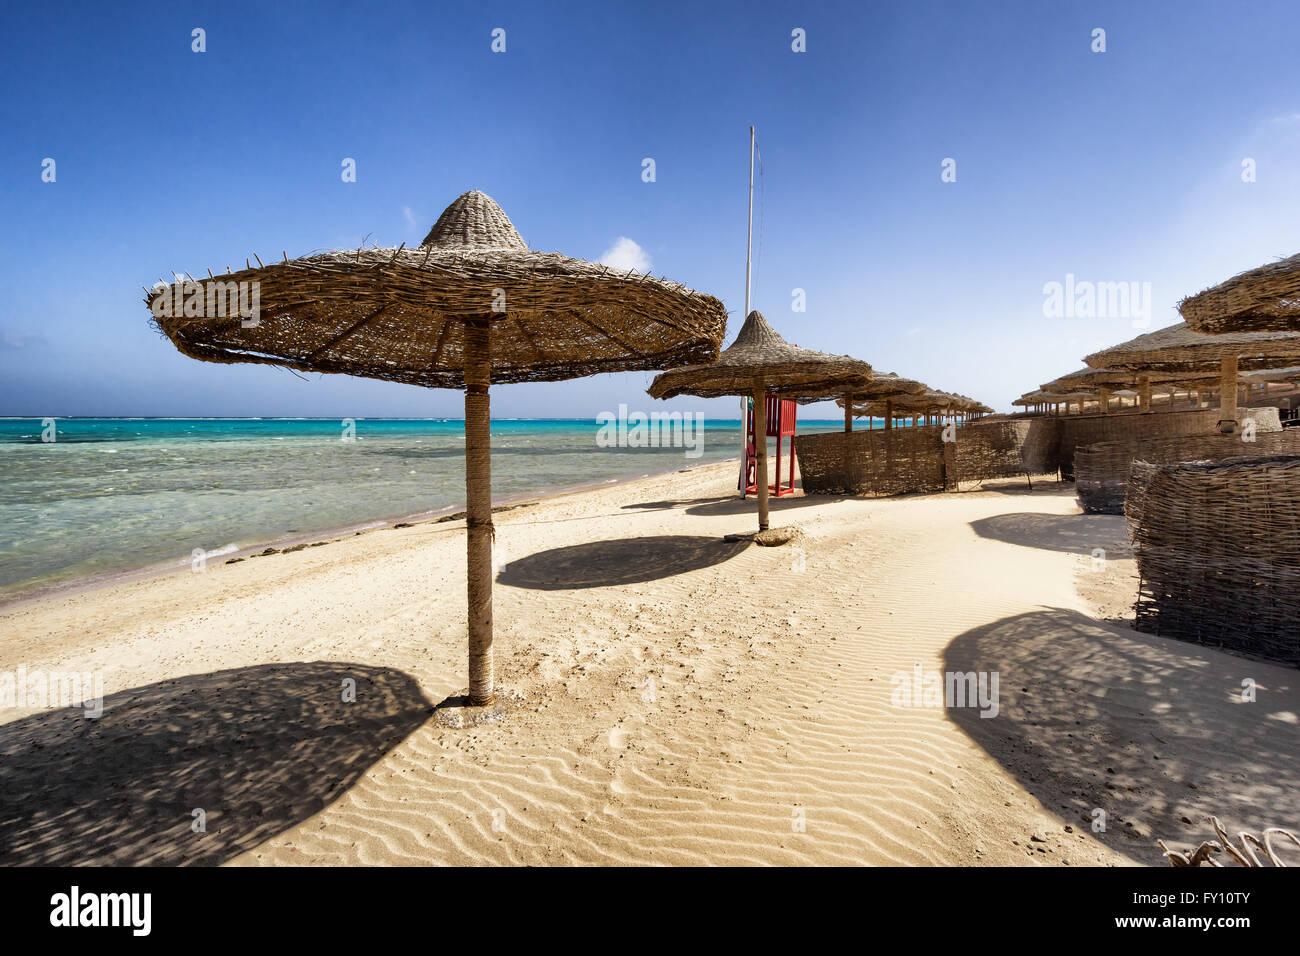 Plage de Marsa Alam avec rangée de parapluie, Egypte Photo Stock